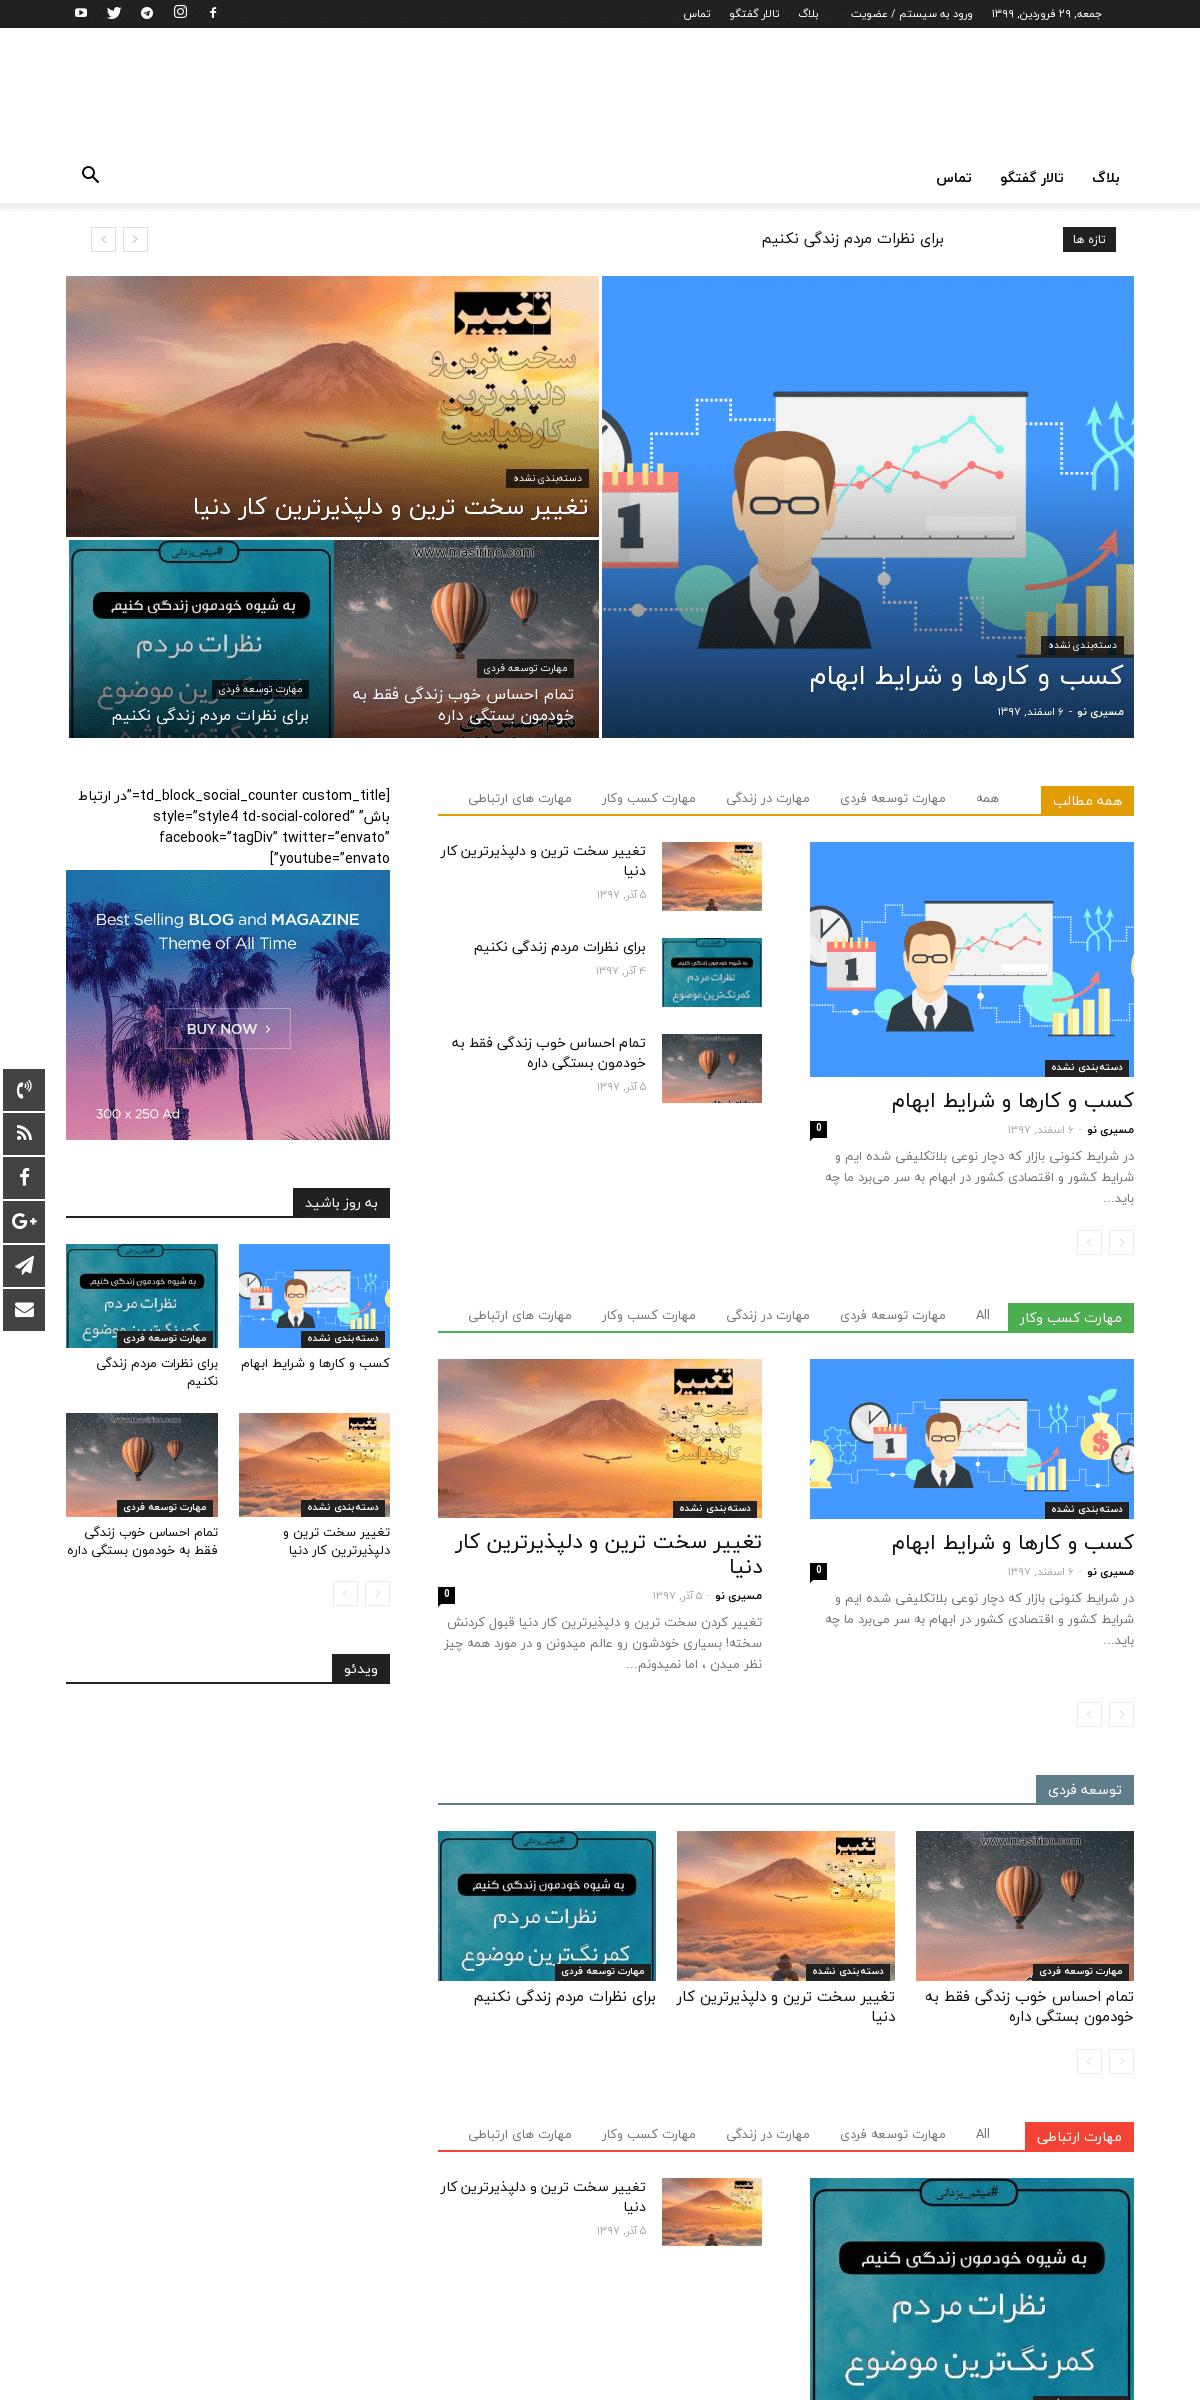 صفحه اصلی - مسیری نو